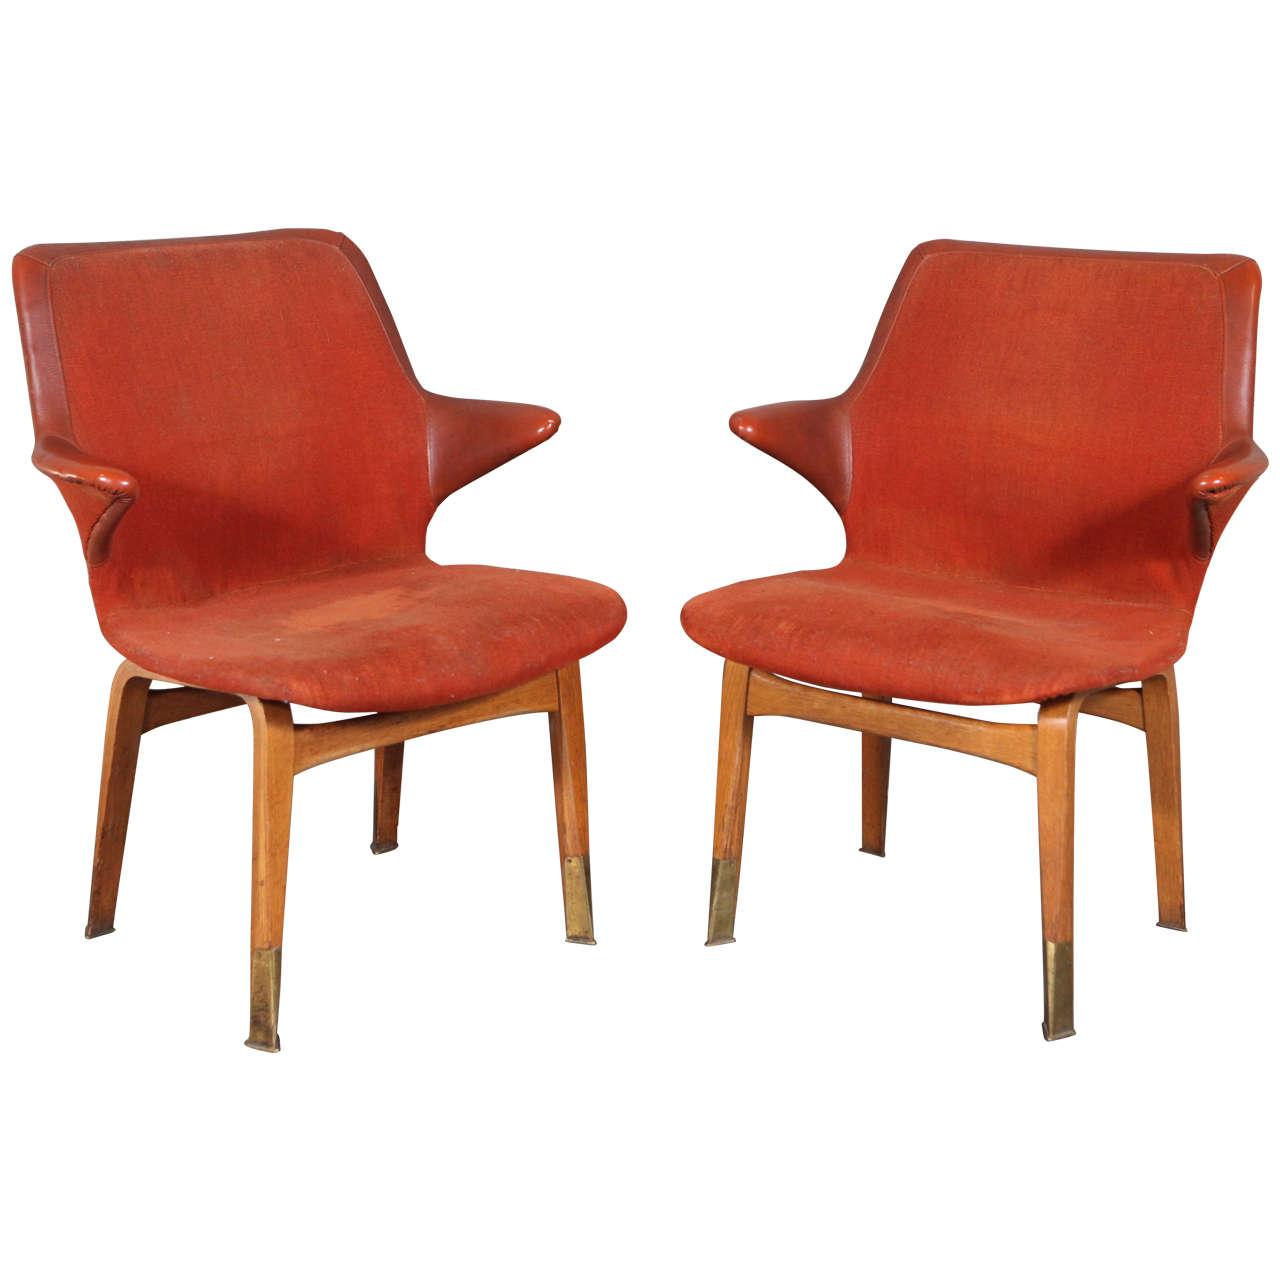 Pair of Ilmari Tapiovaara 'Lulu' Chairs